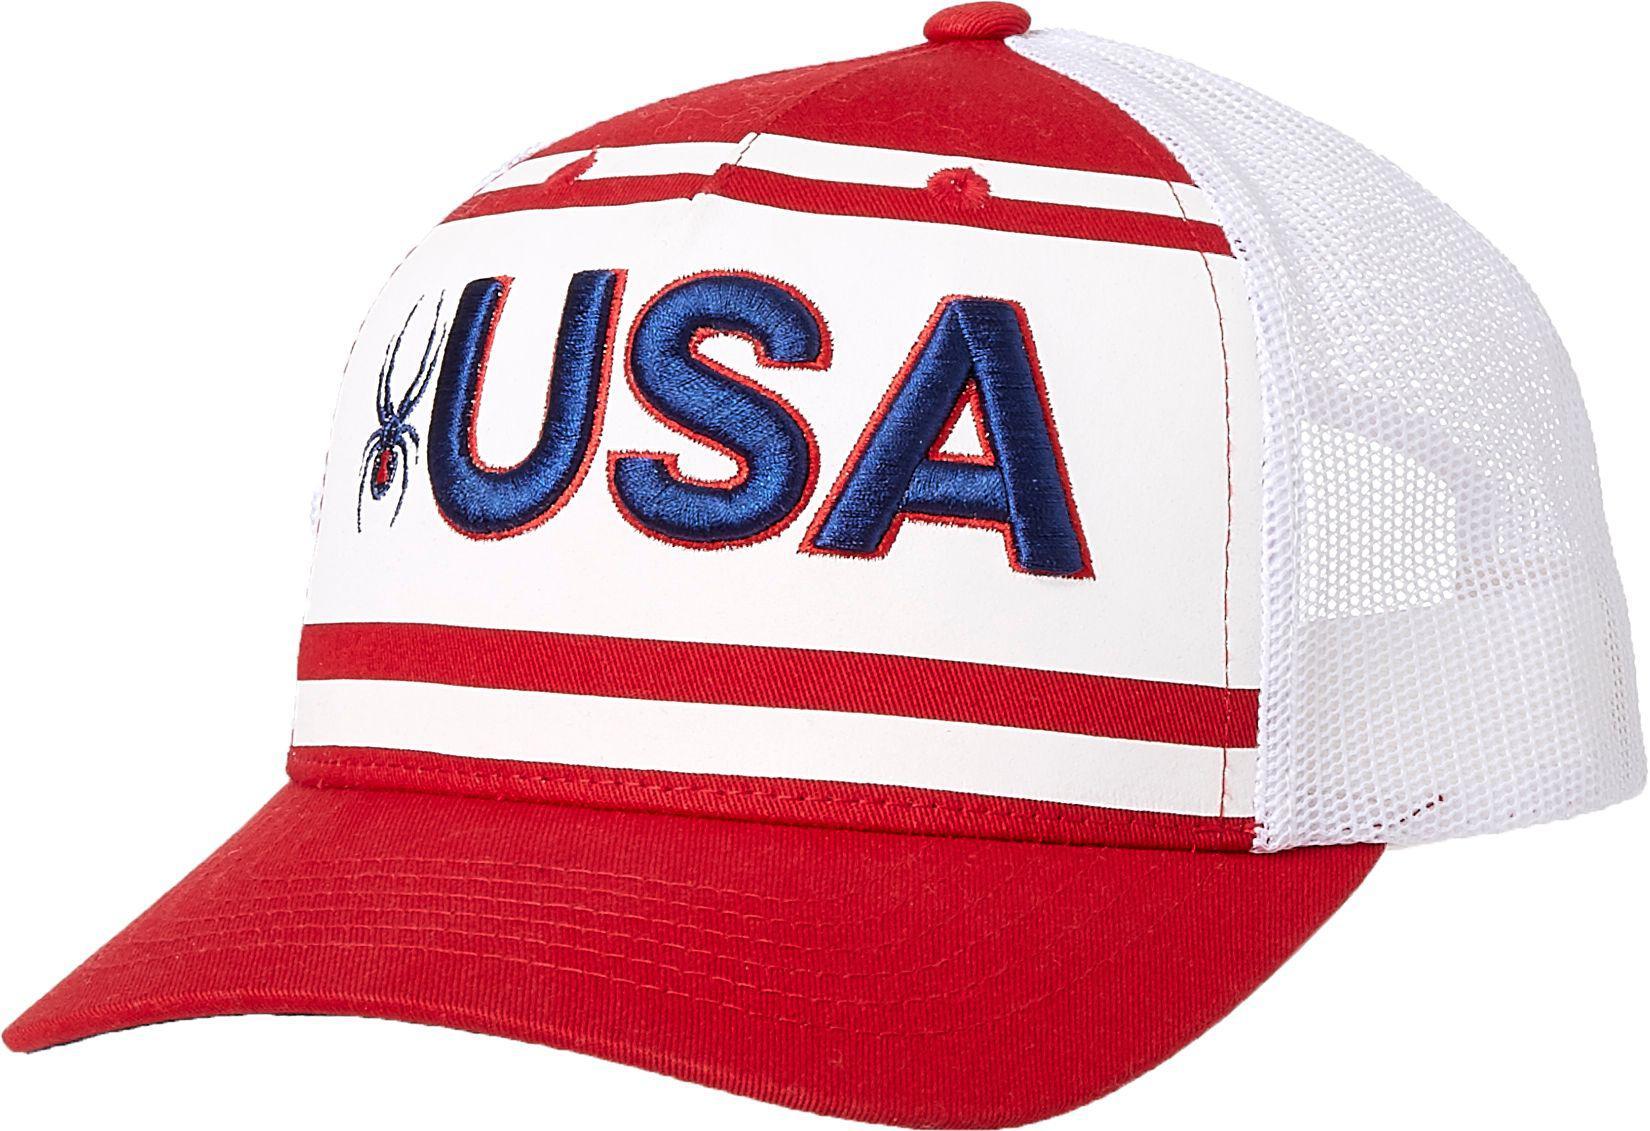 66ca015177e Lyst - Spyder Usa Trucker Hat for Men